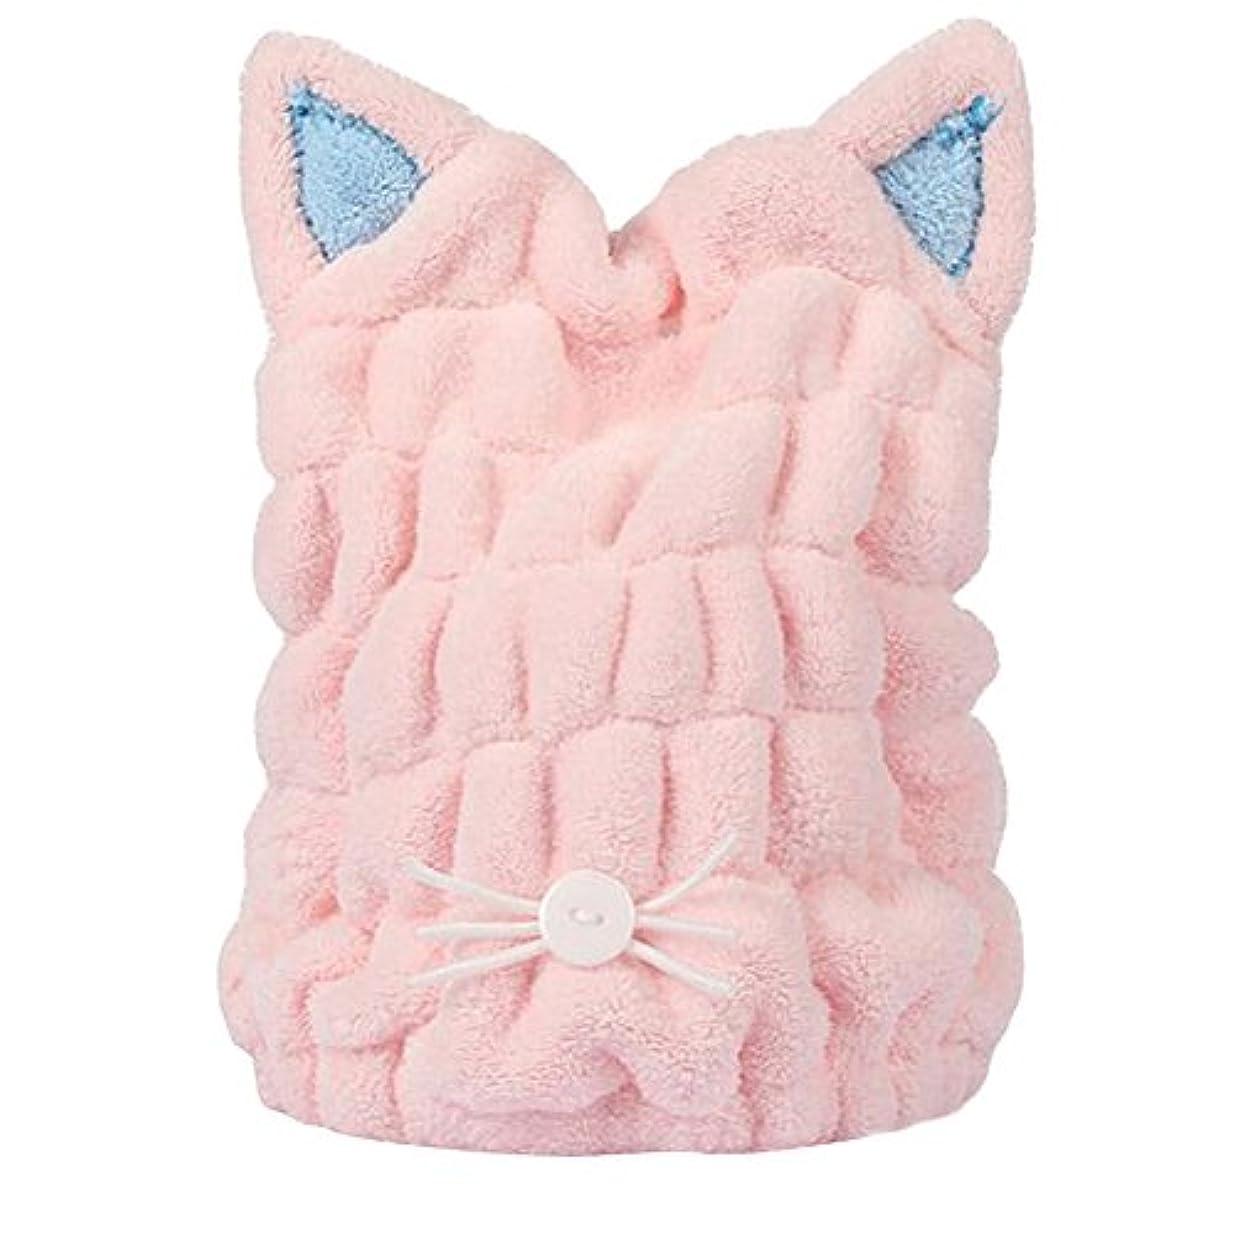 賞ラメラバタオルキャップ 猫耳 ヘアドライキャップ 吸水 乾燥用 お風呂用 マイクロファイバー 可愛い (ピンク)